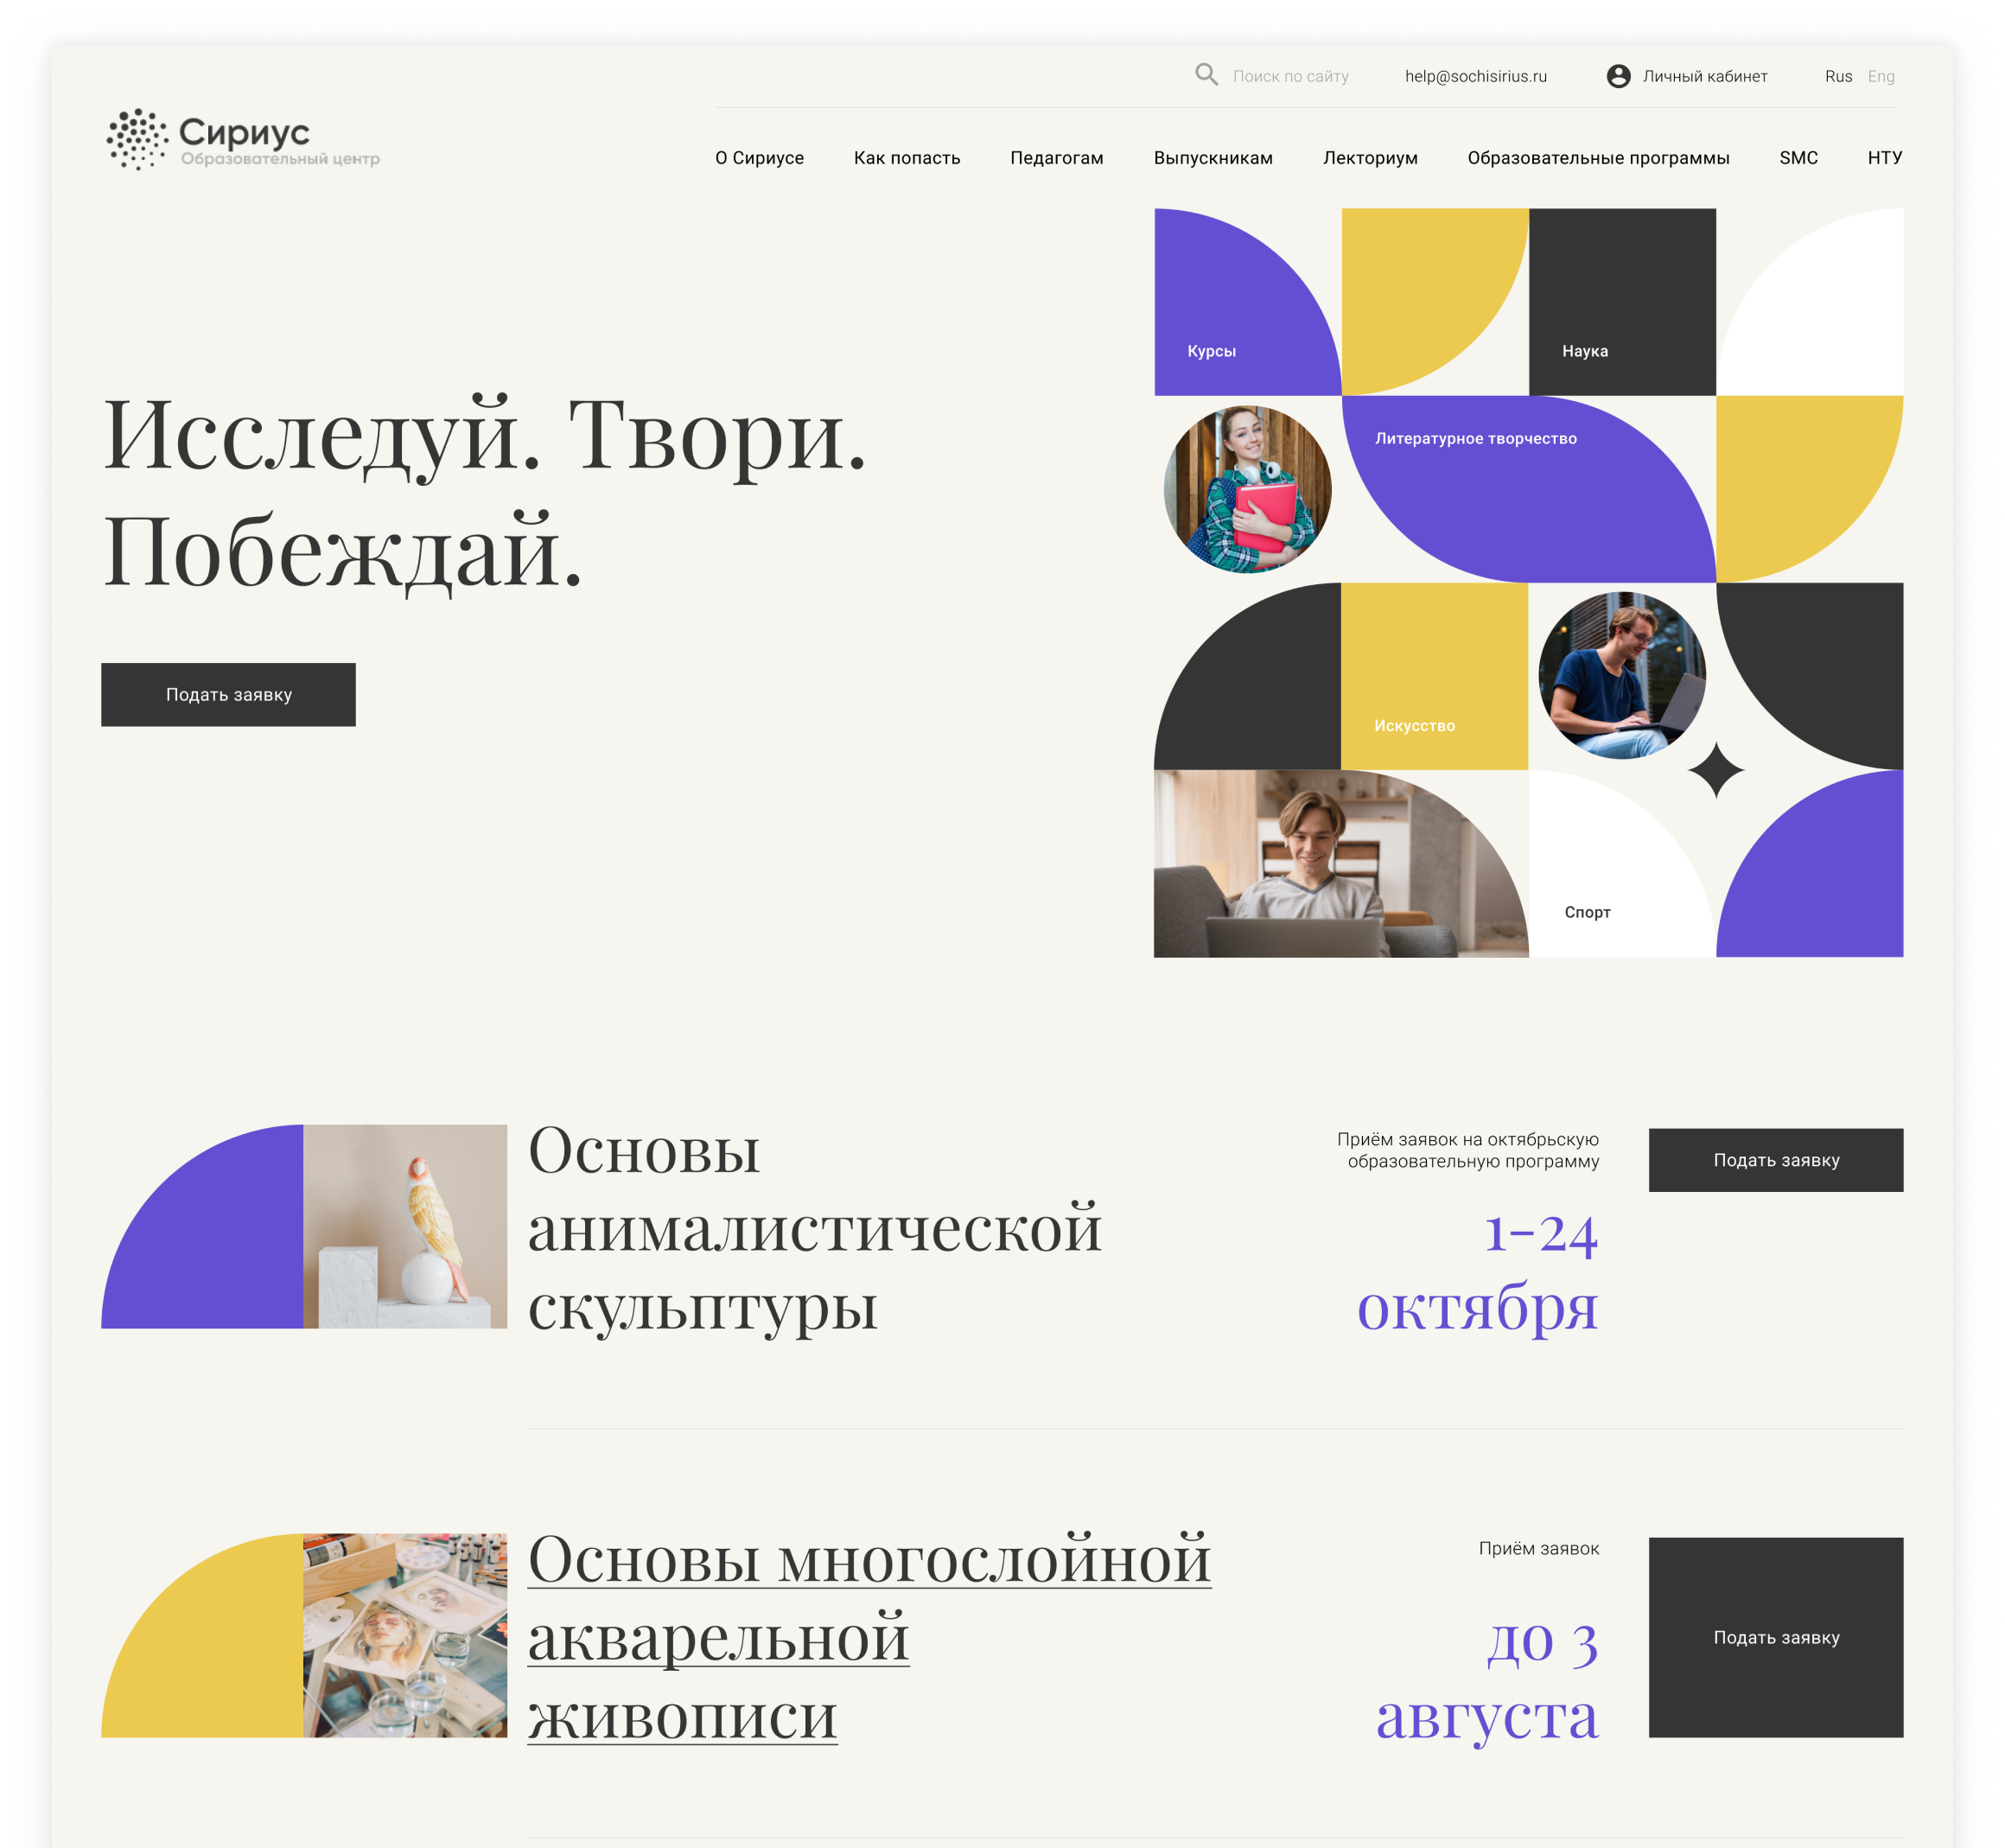 Редизайн главной страницы сайта образовательного центра «Сириус» 10